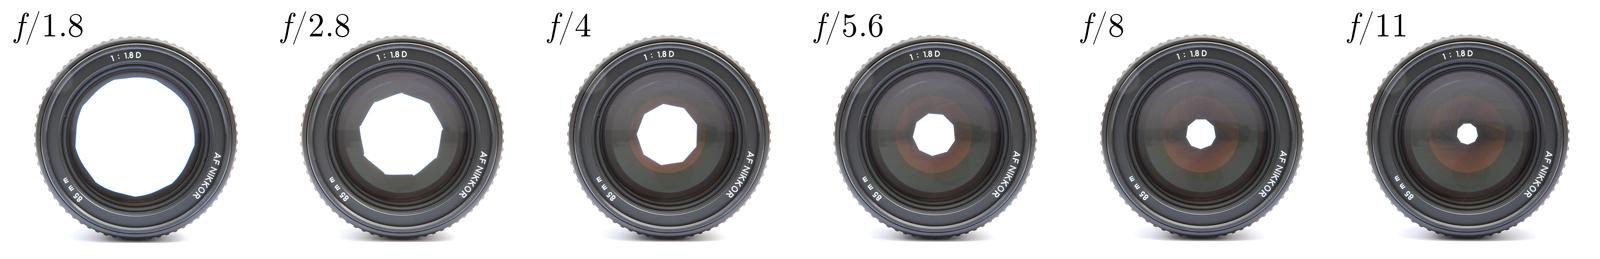 Un objectif selon différentes ouvertures (Image: Wikipédia).